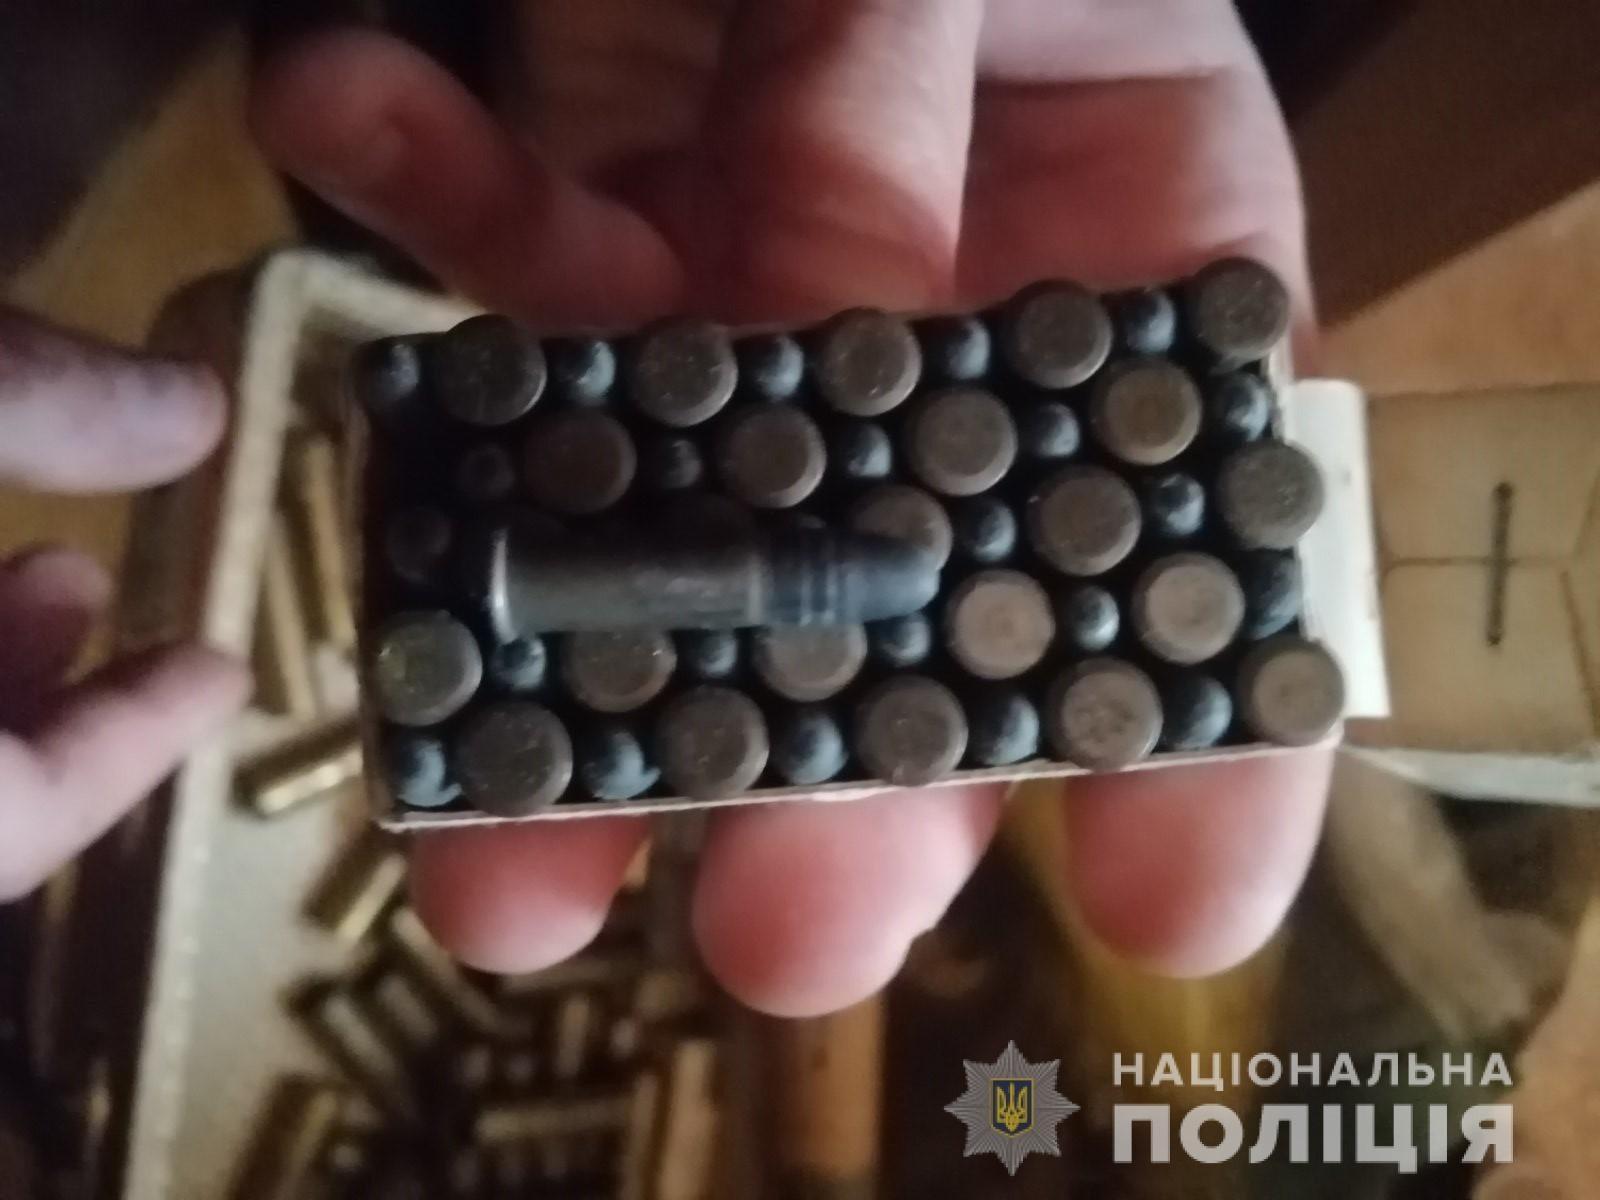 На Херсонщине при расследовании кражи обнаружили боевые патроны